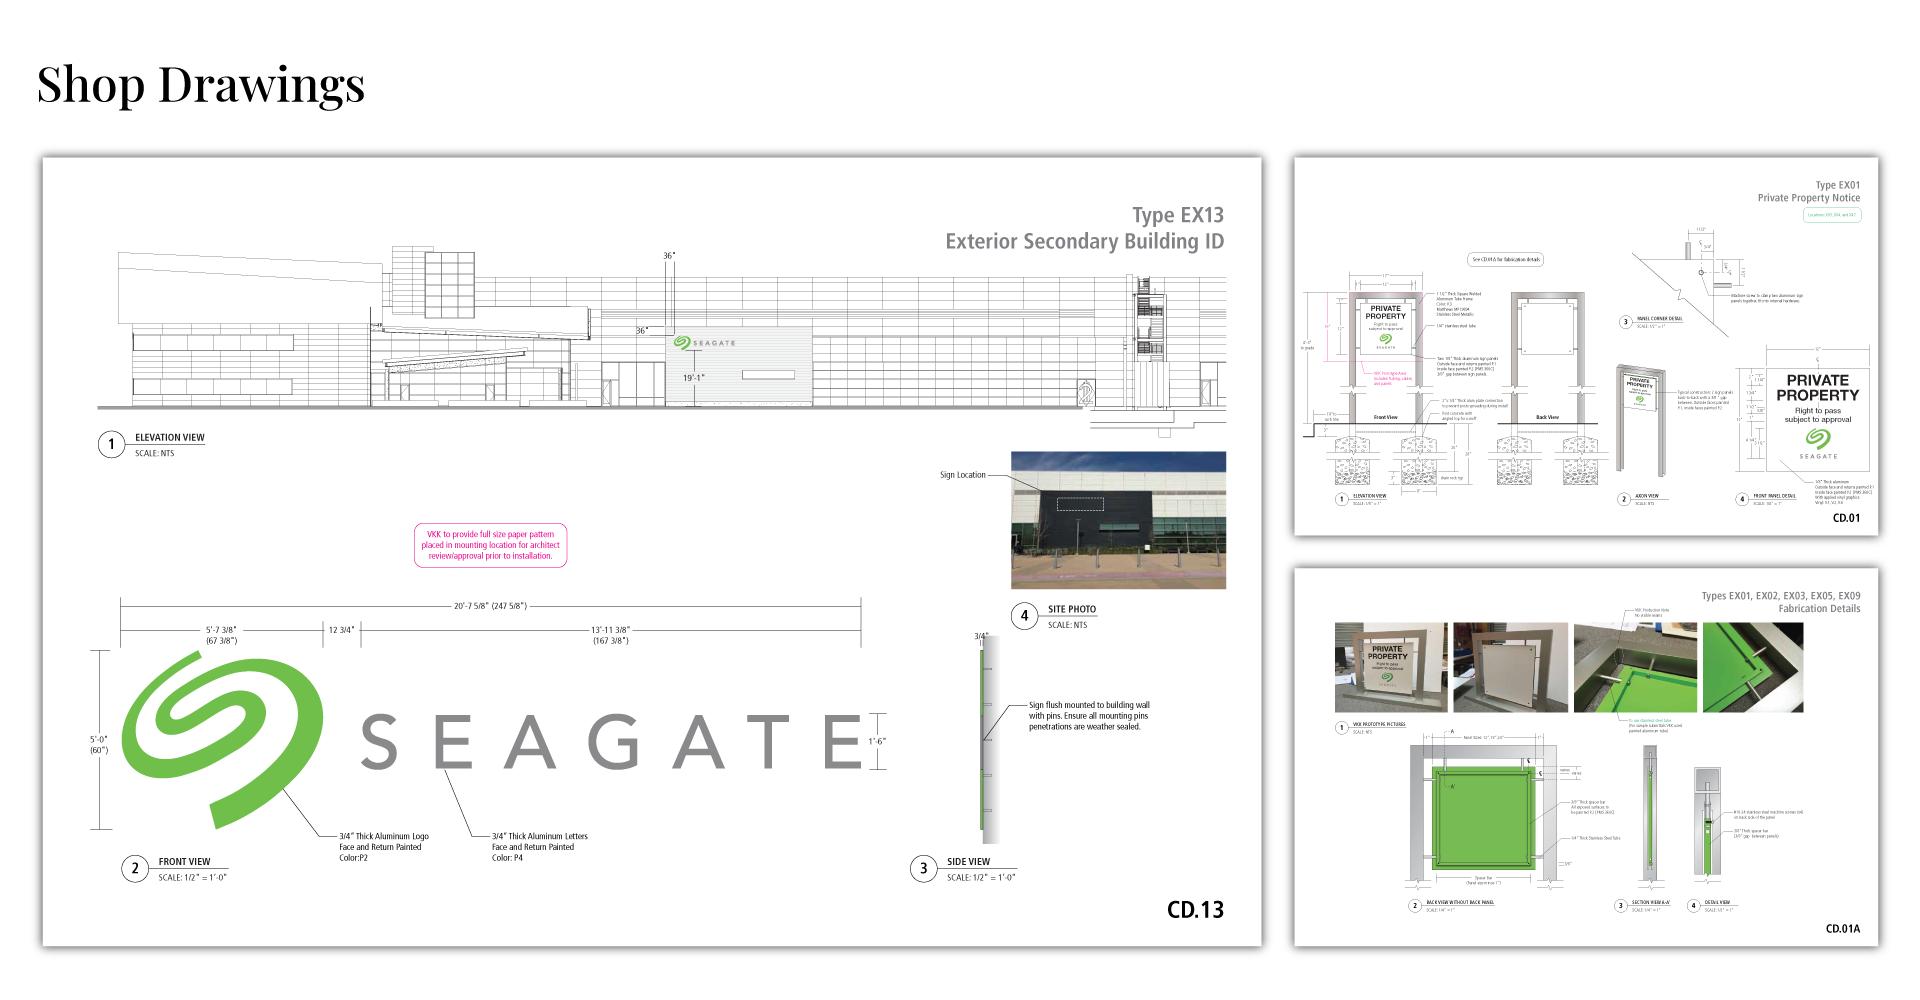 Seagate_DD_5